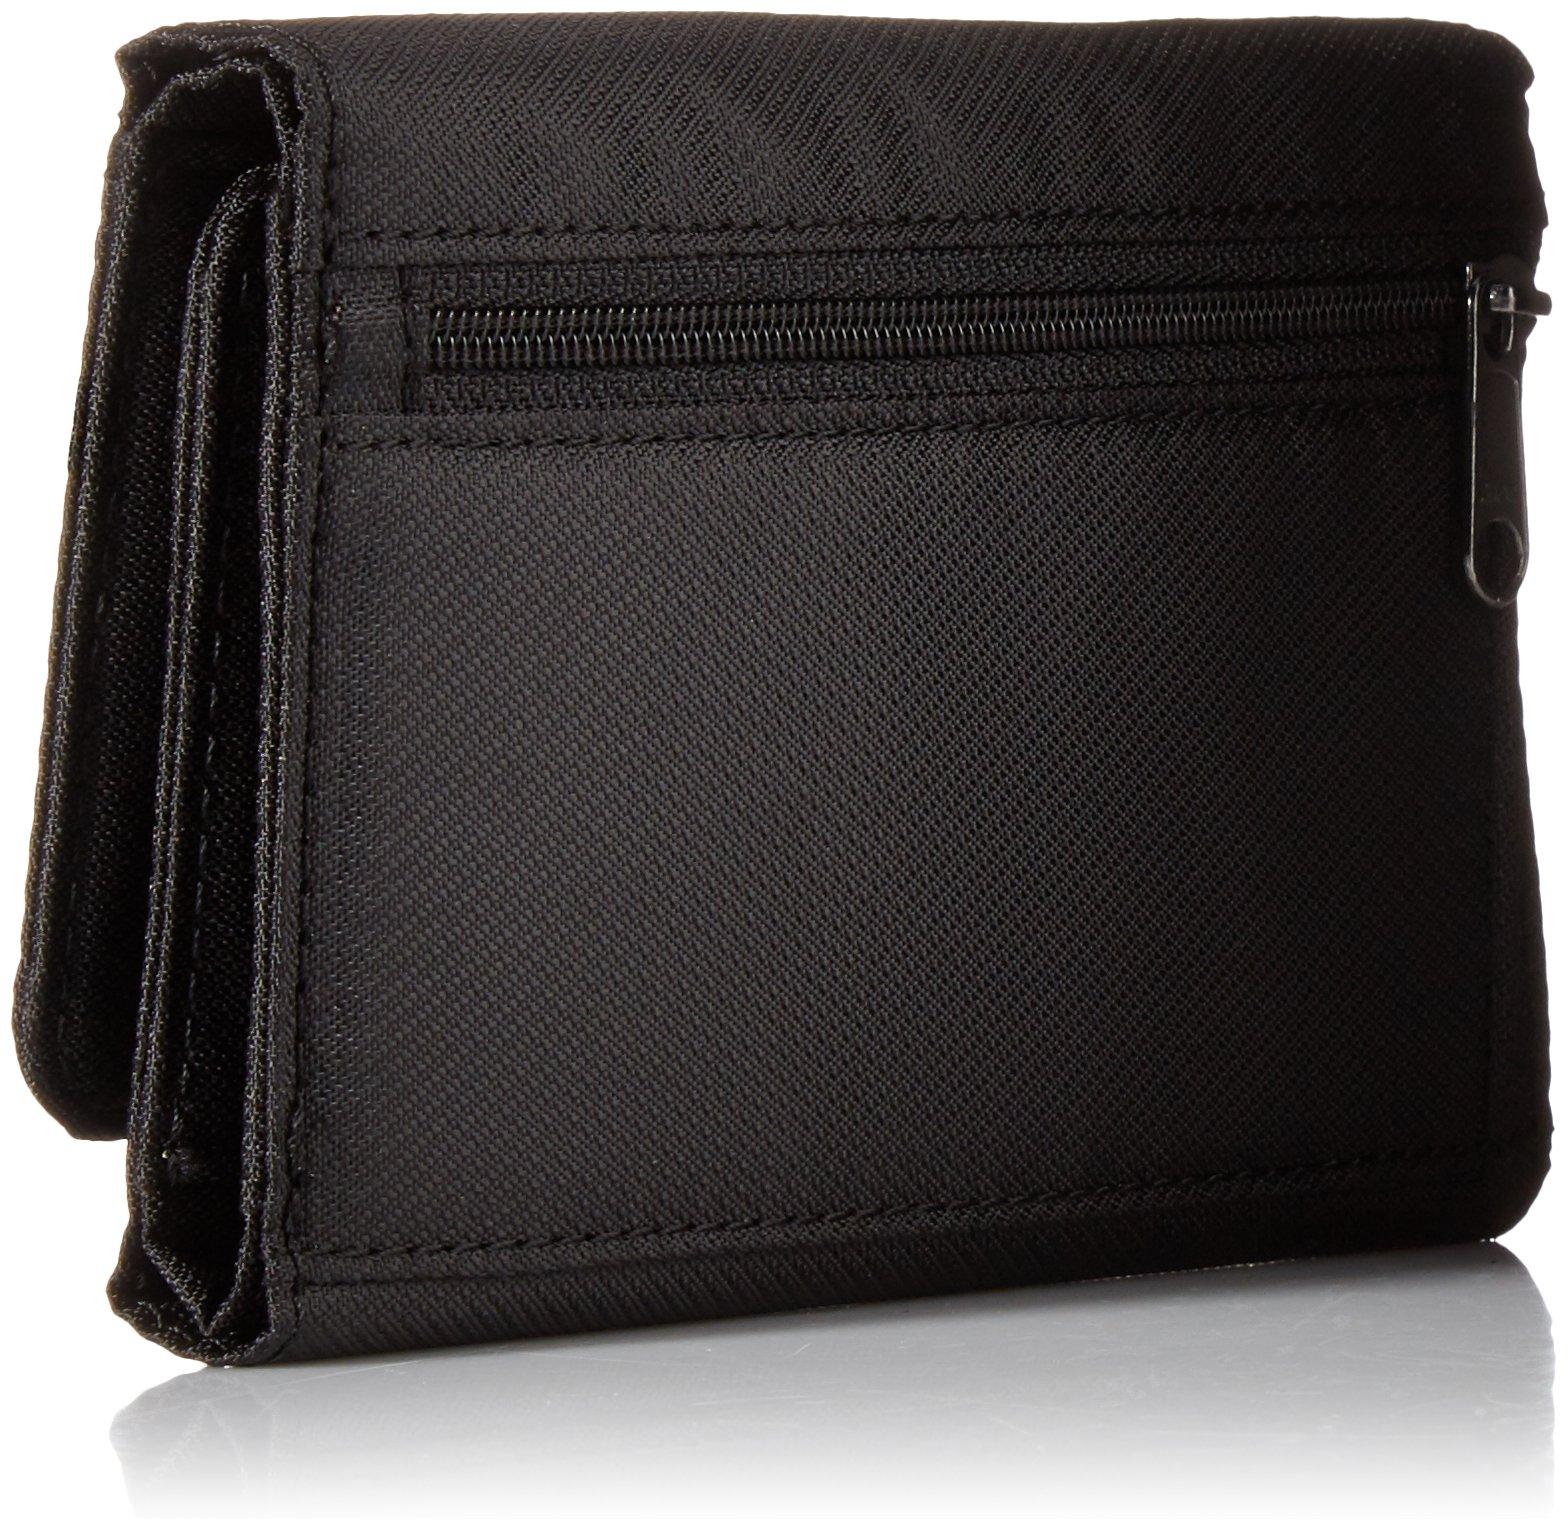 Pacsafe Womens Daysafe RFID Blocking Trifold Wallet